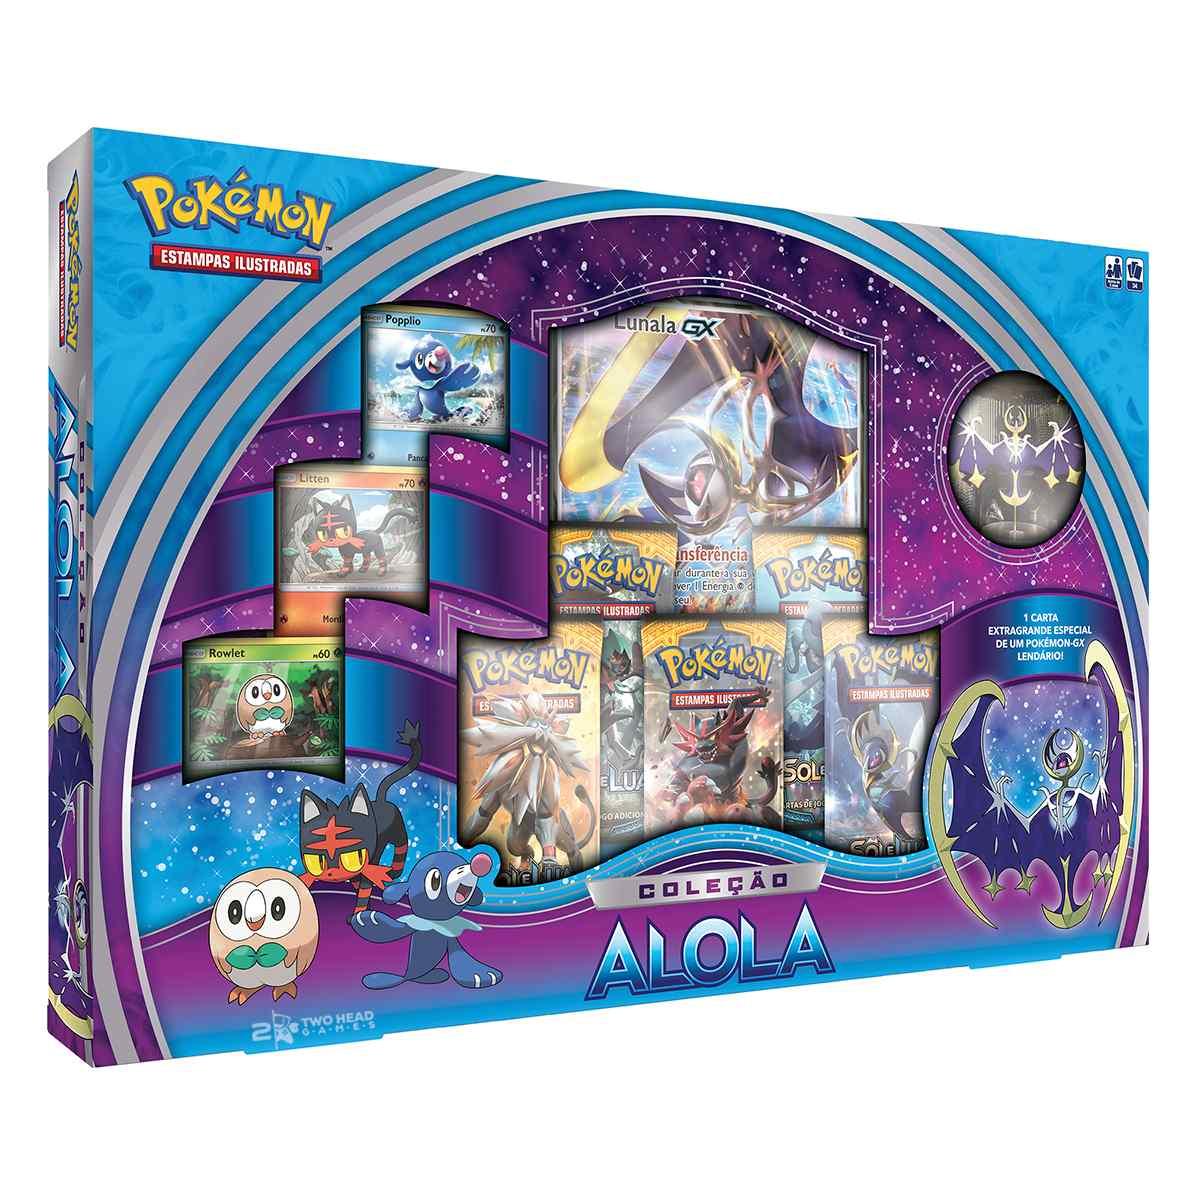 Pokemon Box Alola Lunala Gx Coleção Sol E Lua